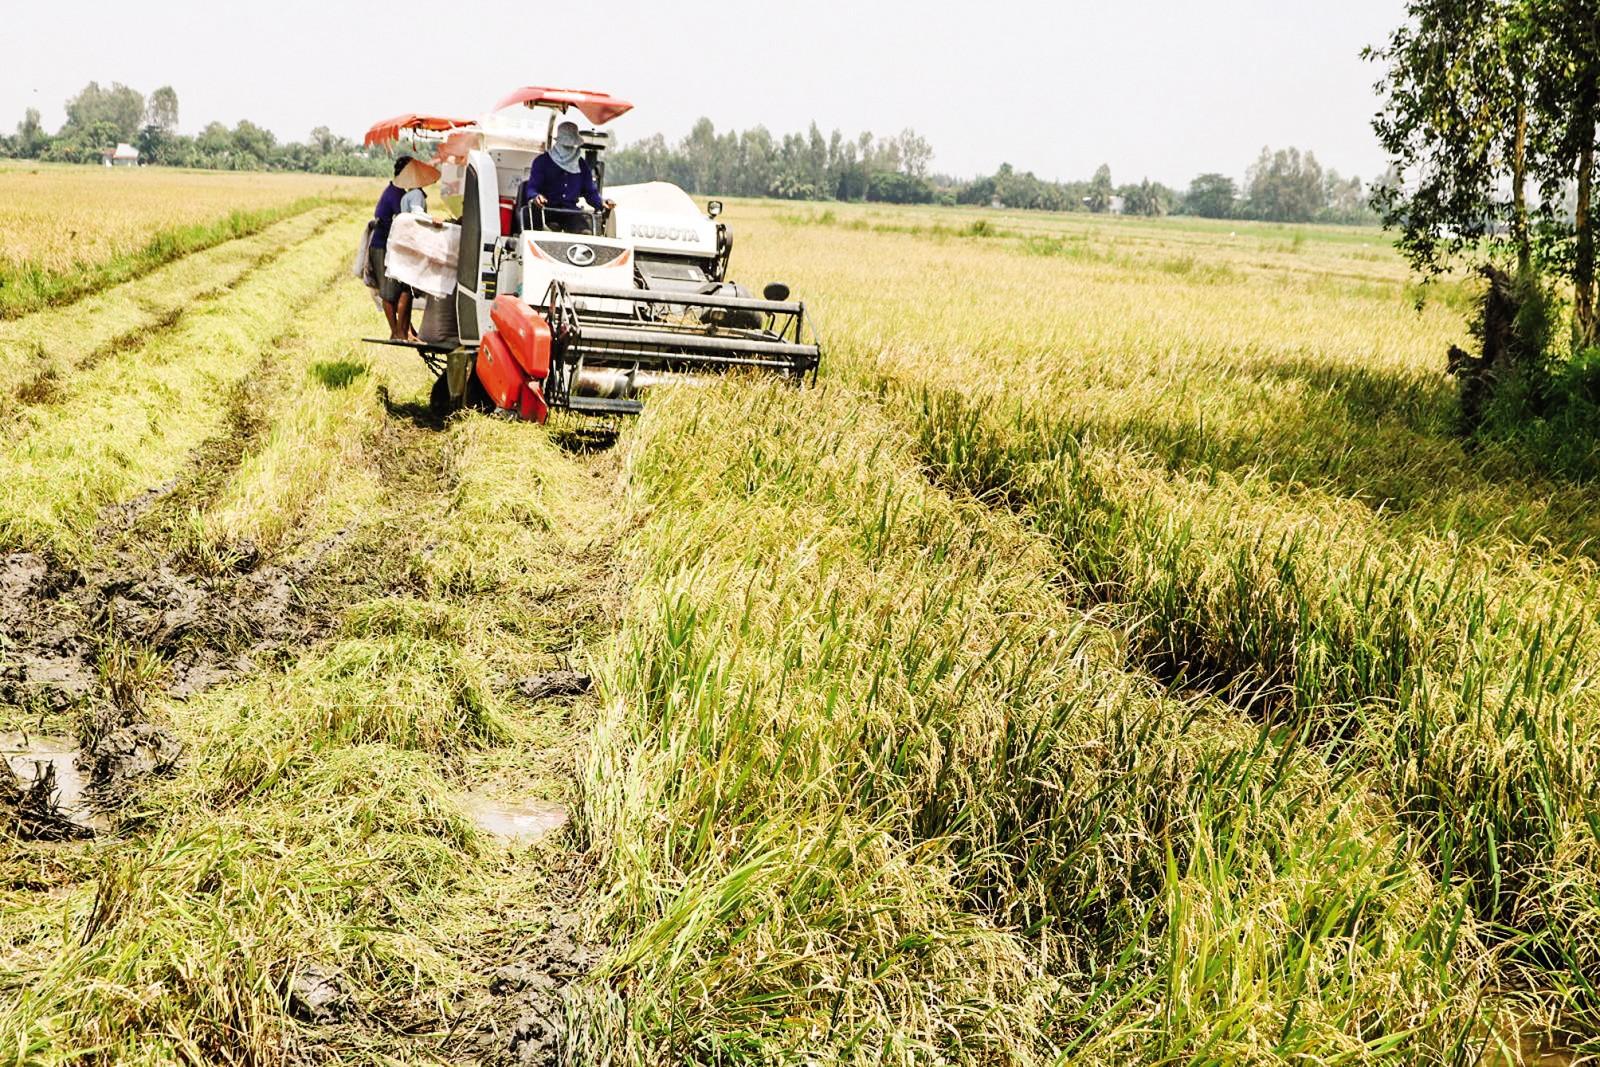 Thu hoạch lúa thu đông 2019 tại ruộng của chị Trần Ngọc Anh ở xã Đông Thuận, huyện Thới Lai, TP Cần Thơ.